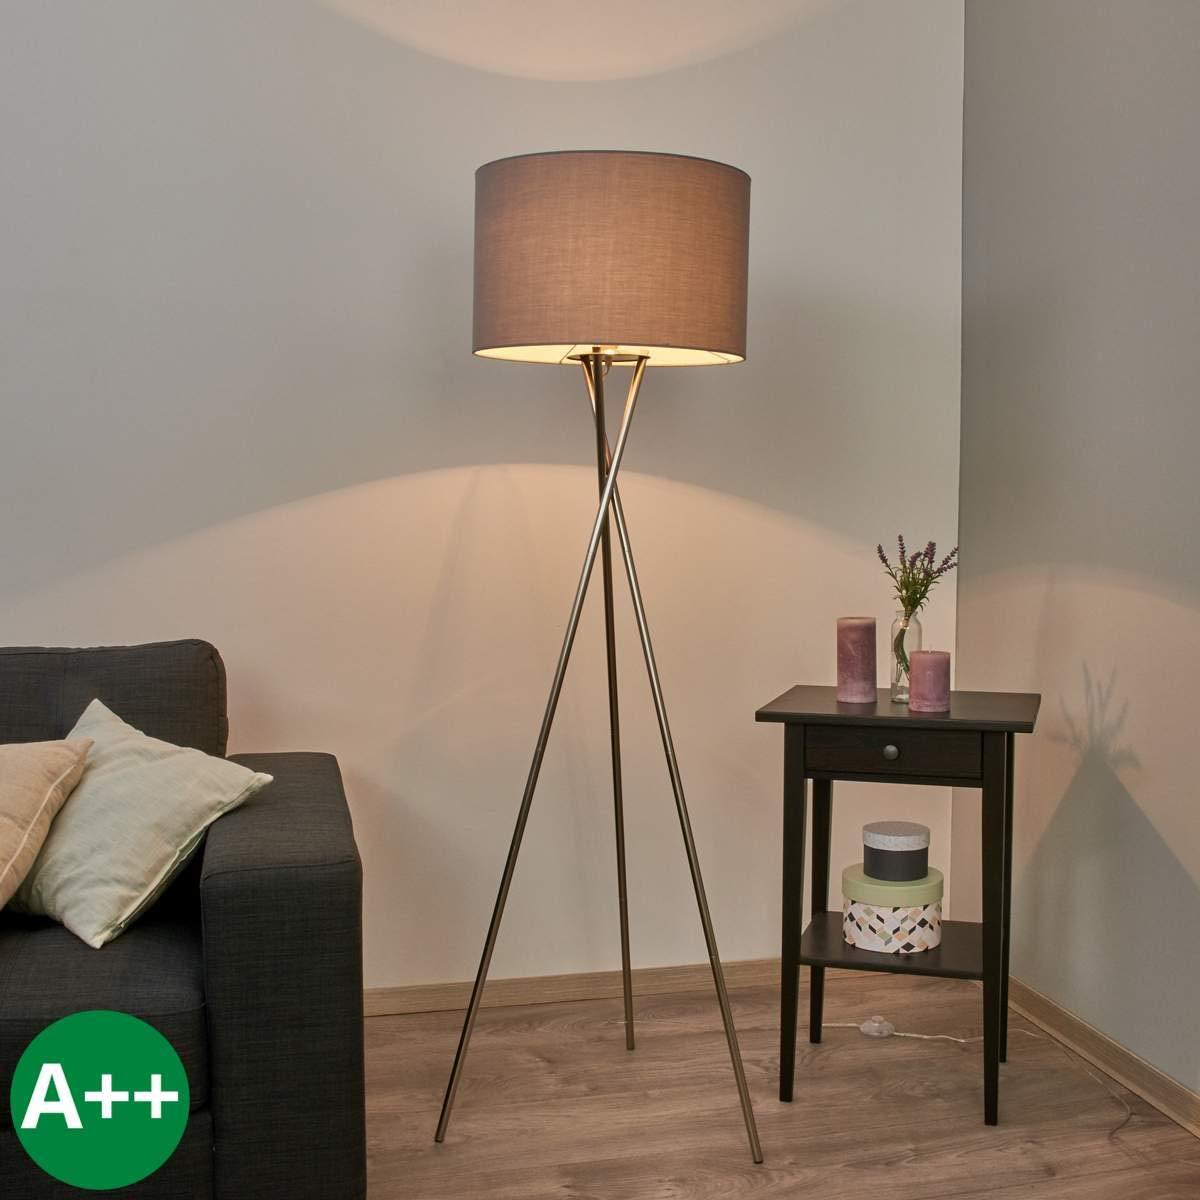 Lampenwelt Dreibein Stehlampe 'Fiby' (Modern) in Alu aus Textil u.a. für Wohnzimmer & Esszimmer (1 flammig, E27, A++) | Stehleuchte, Floor Lamp, Standleuchte, Wohnzimmerlampe, Tripod, Wohnzimmerlampe